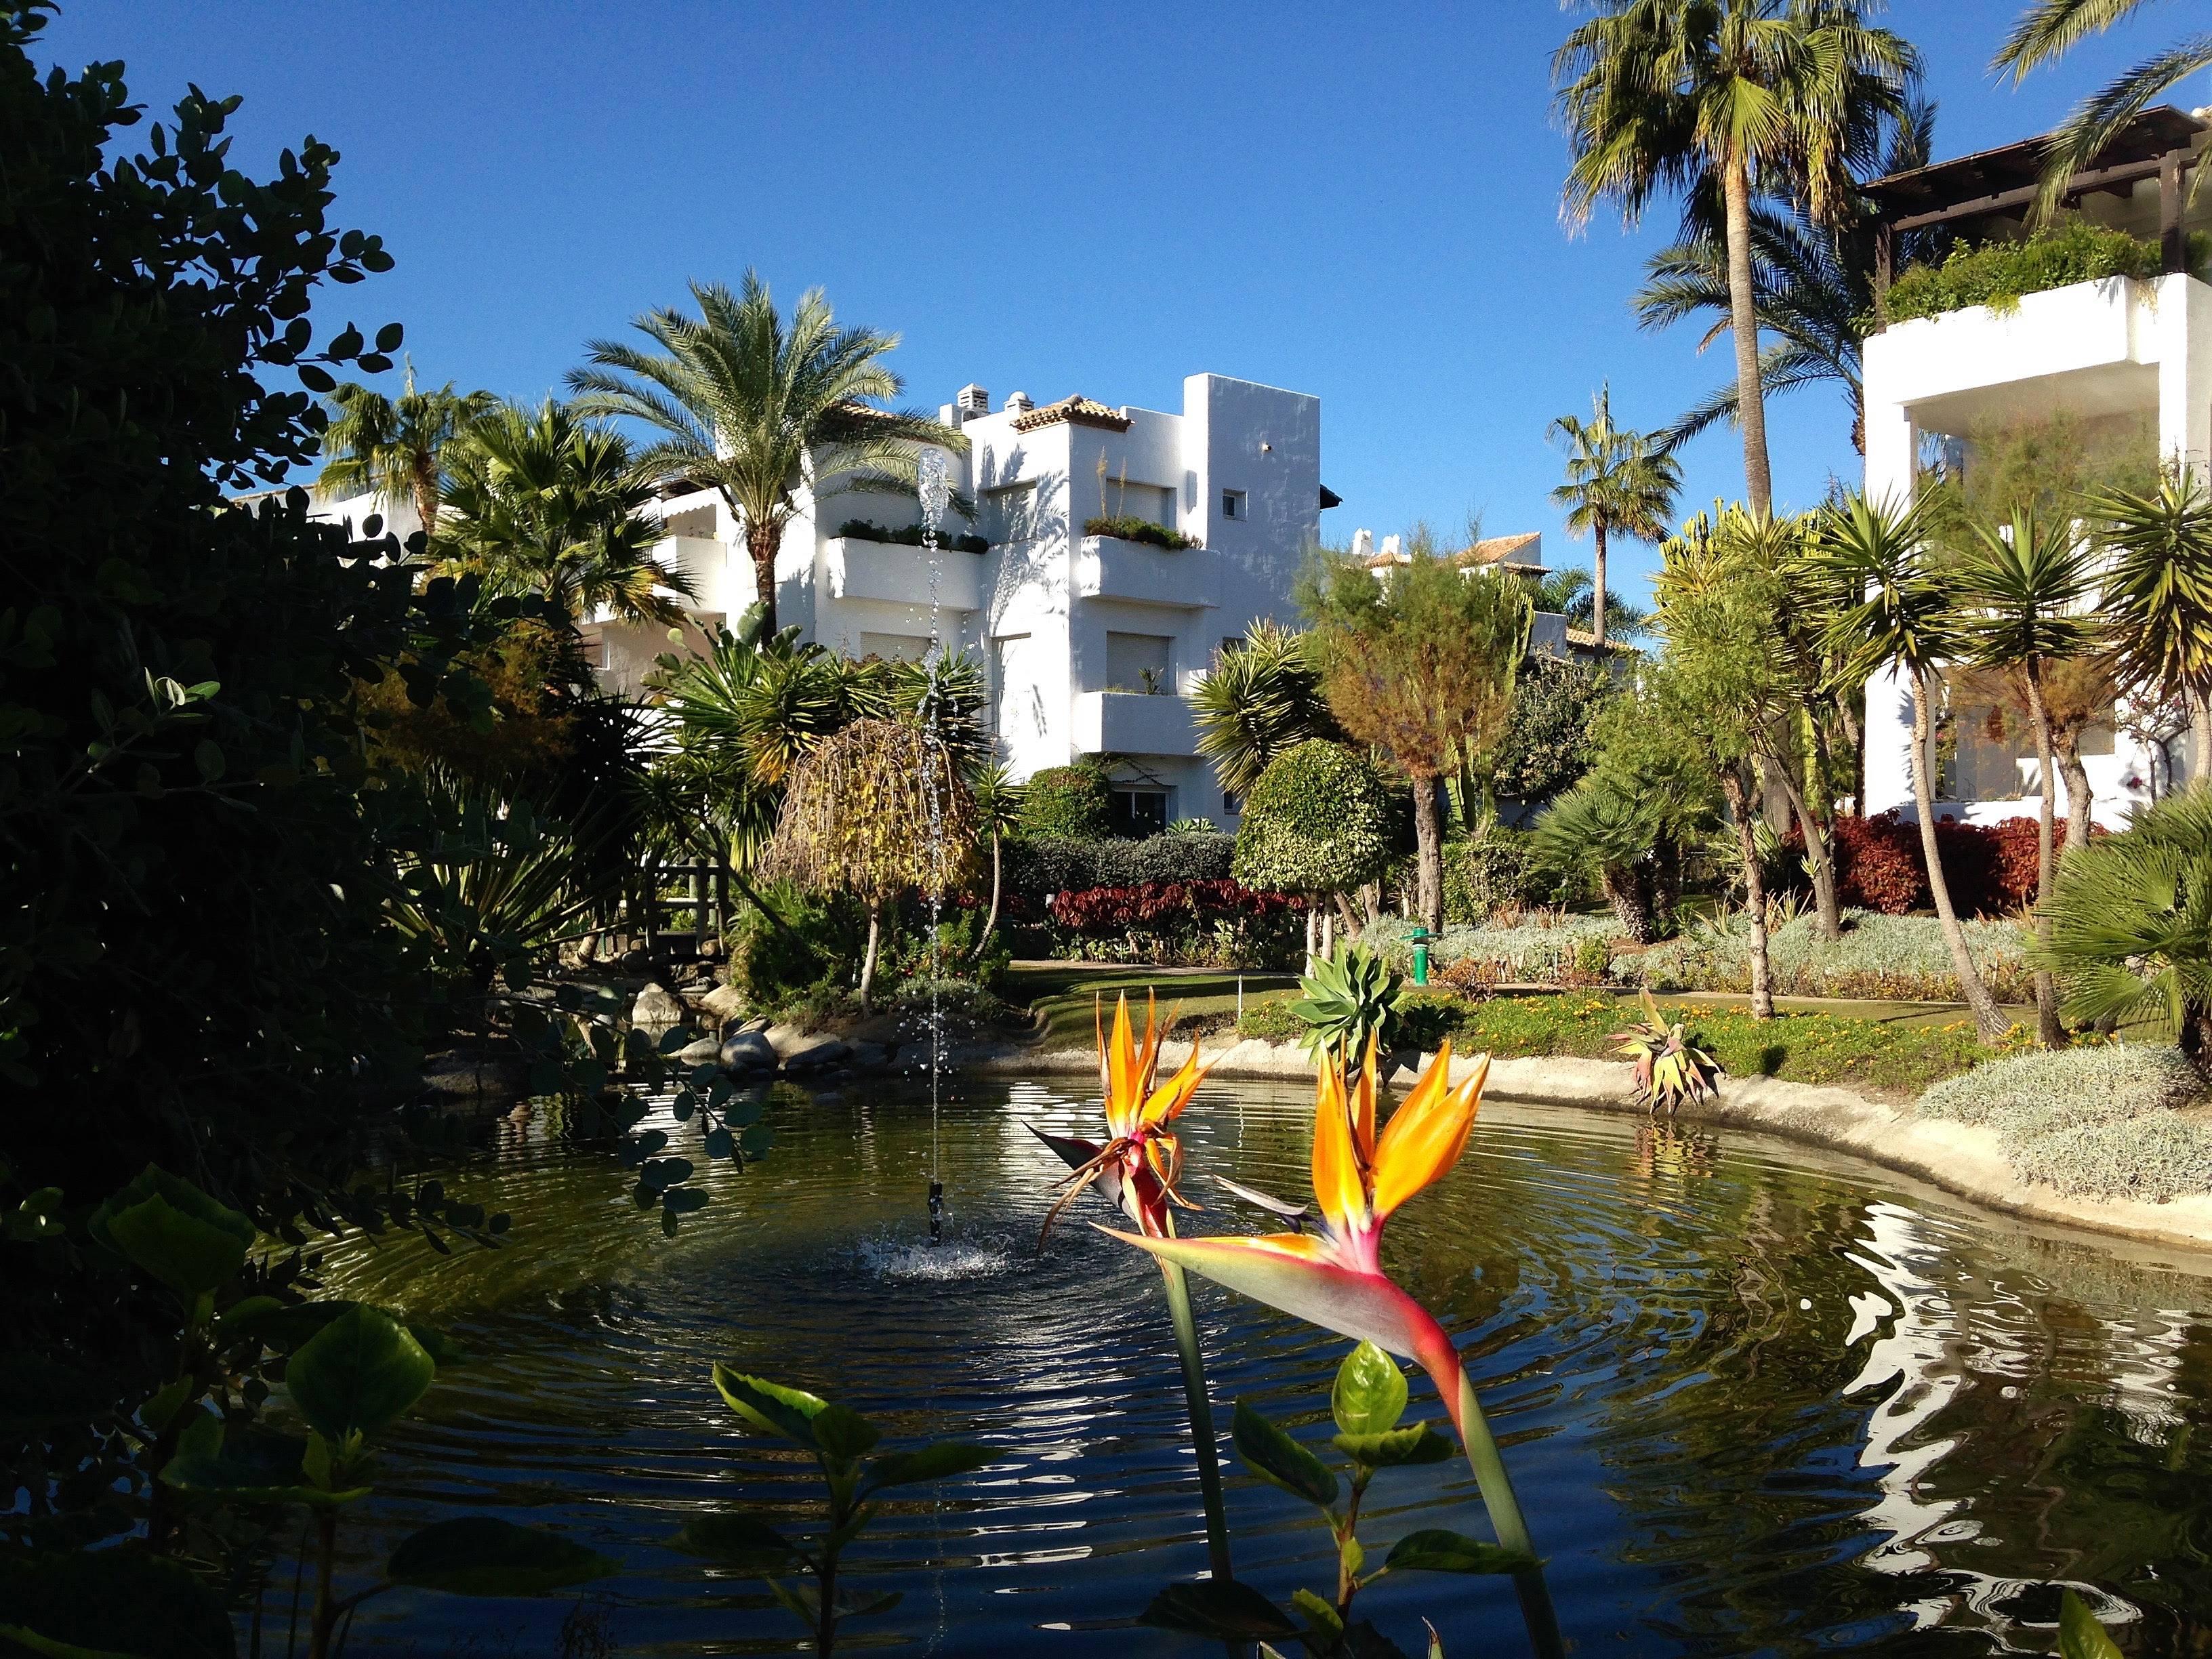 Alquiler vacaciones apartamentos y casas rurales en costa - Alquiler casa vacaciones malaga ...